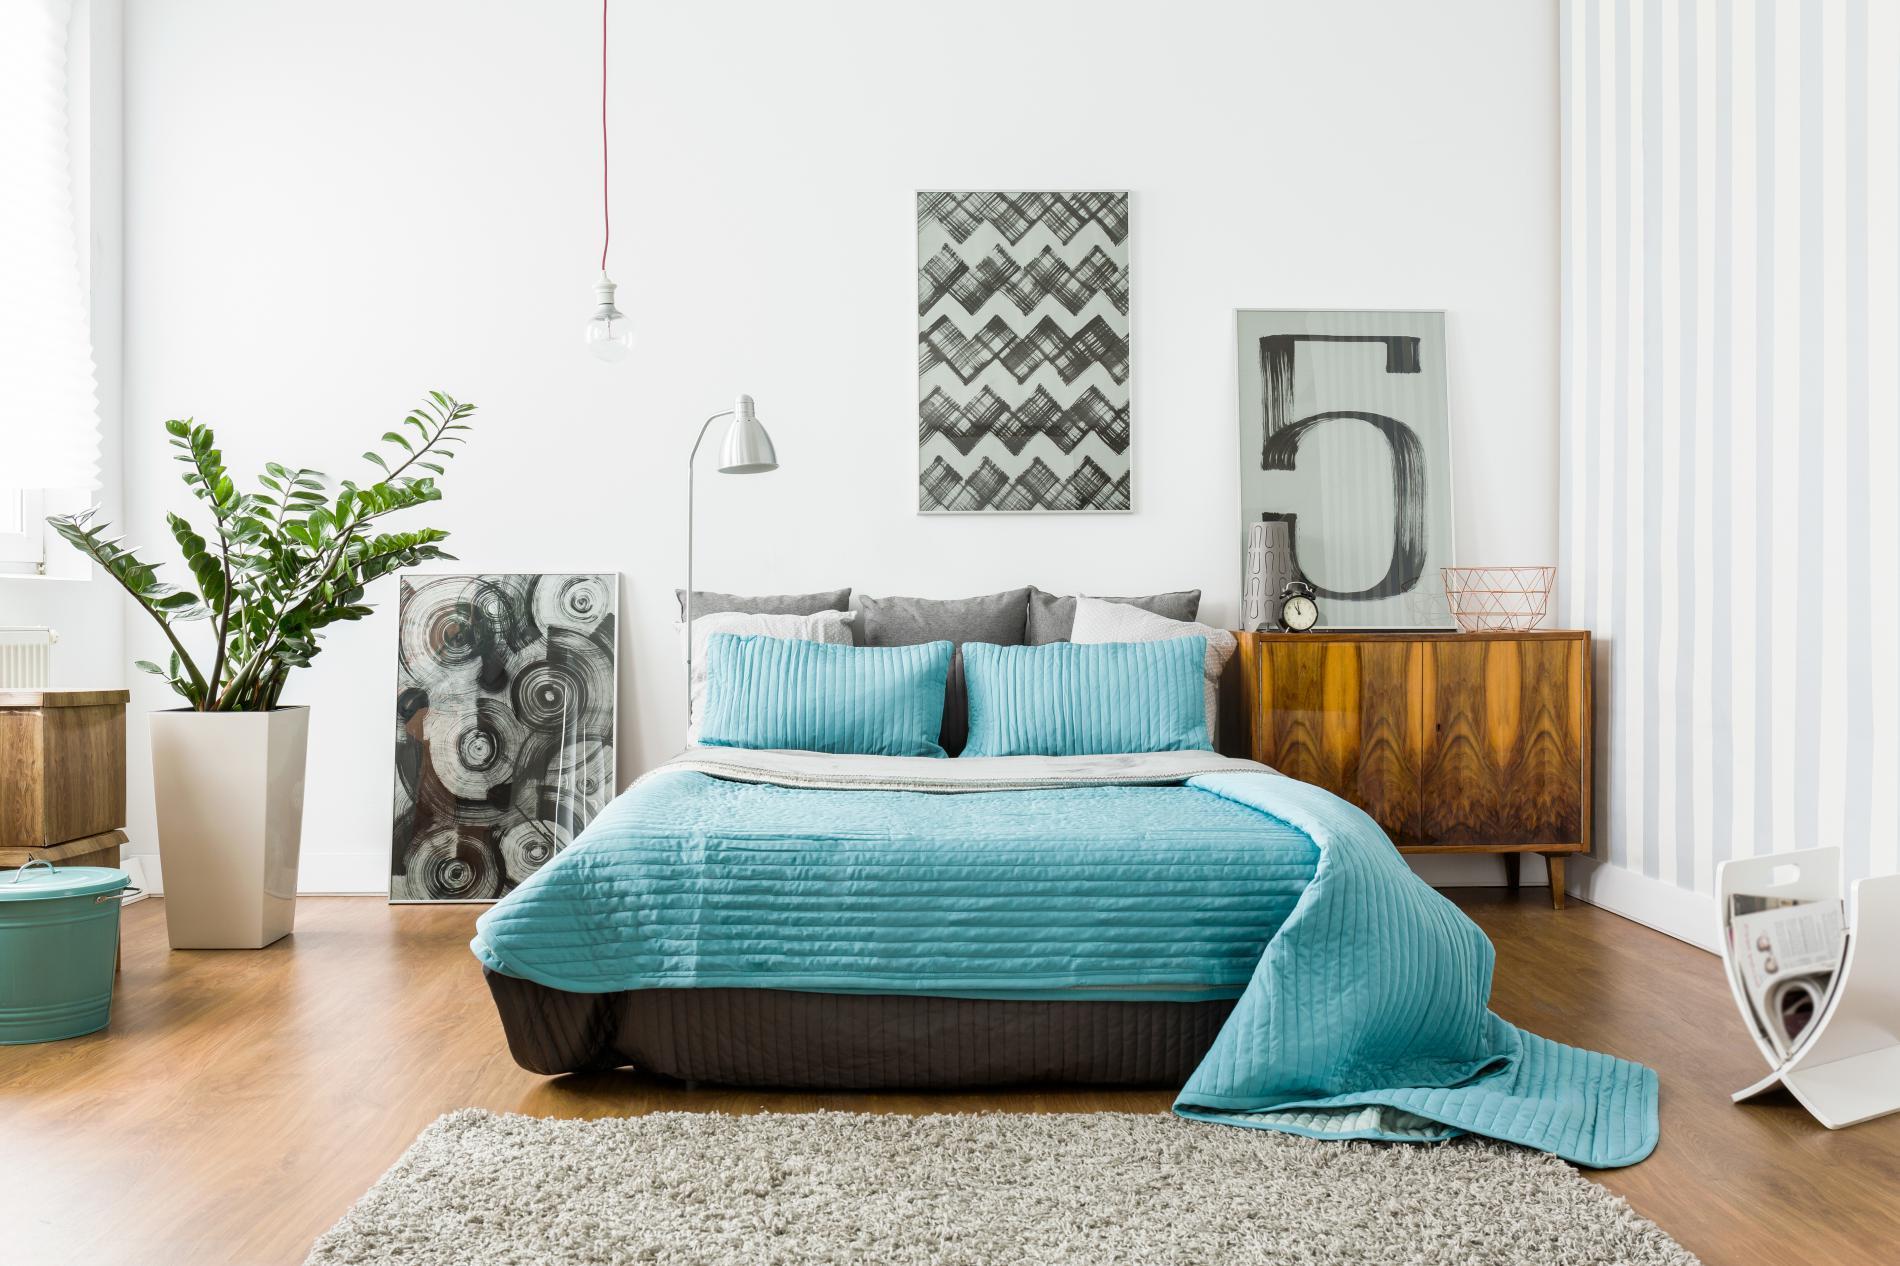 Meubles En Carton Pour Home Staging home staging : tout changer chez soi sans se ruiner - madame